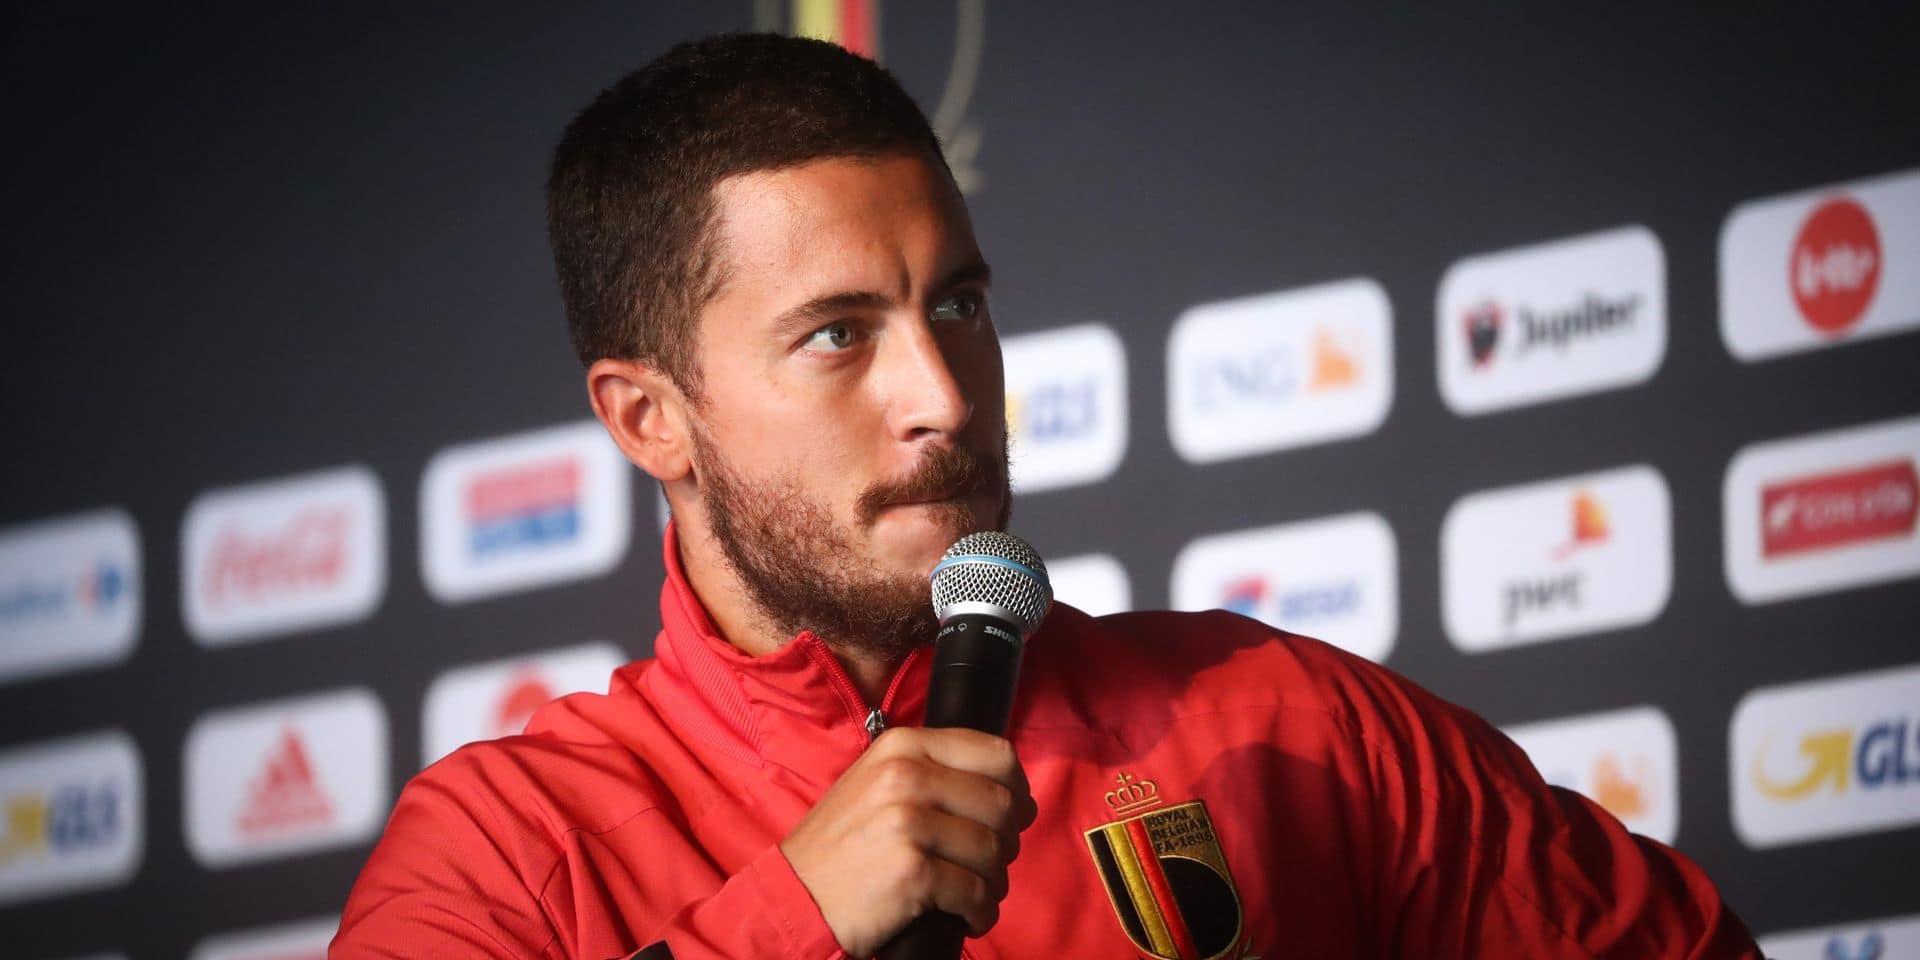 """Gilles De Bilde très critique envers Eden Hazard: """"Il s'est toujours reposé sur son talent et n'a jamais travaillé"""""""